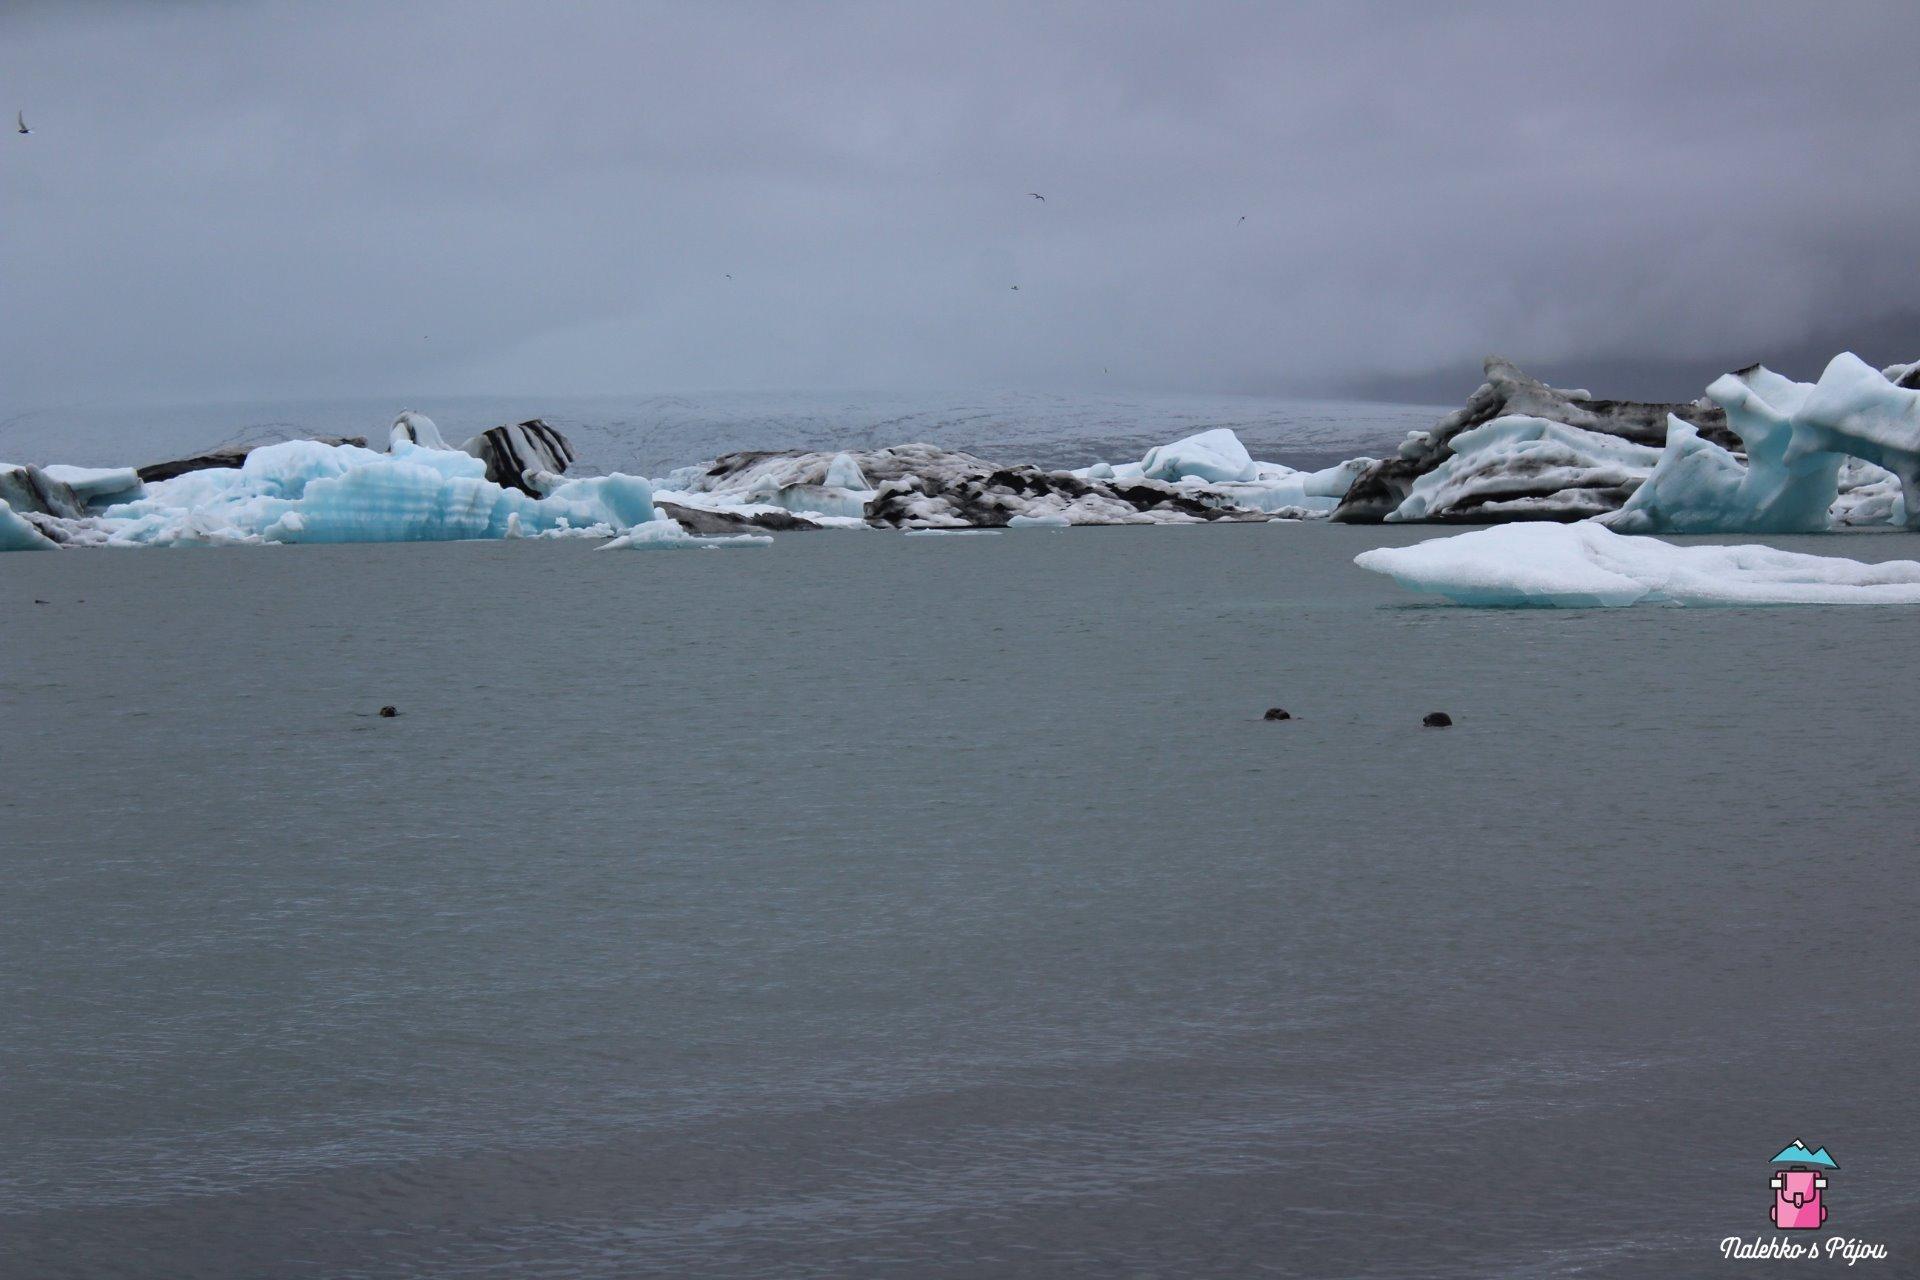 To úplně vzadu je ledovec, ze kterého se odlamují kry. A ty černé tečky jsou lachtani